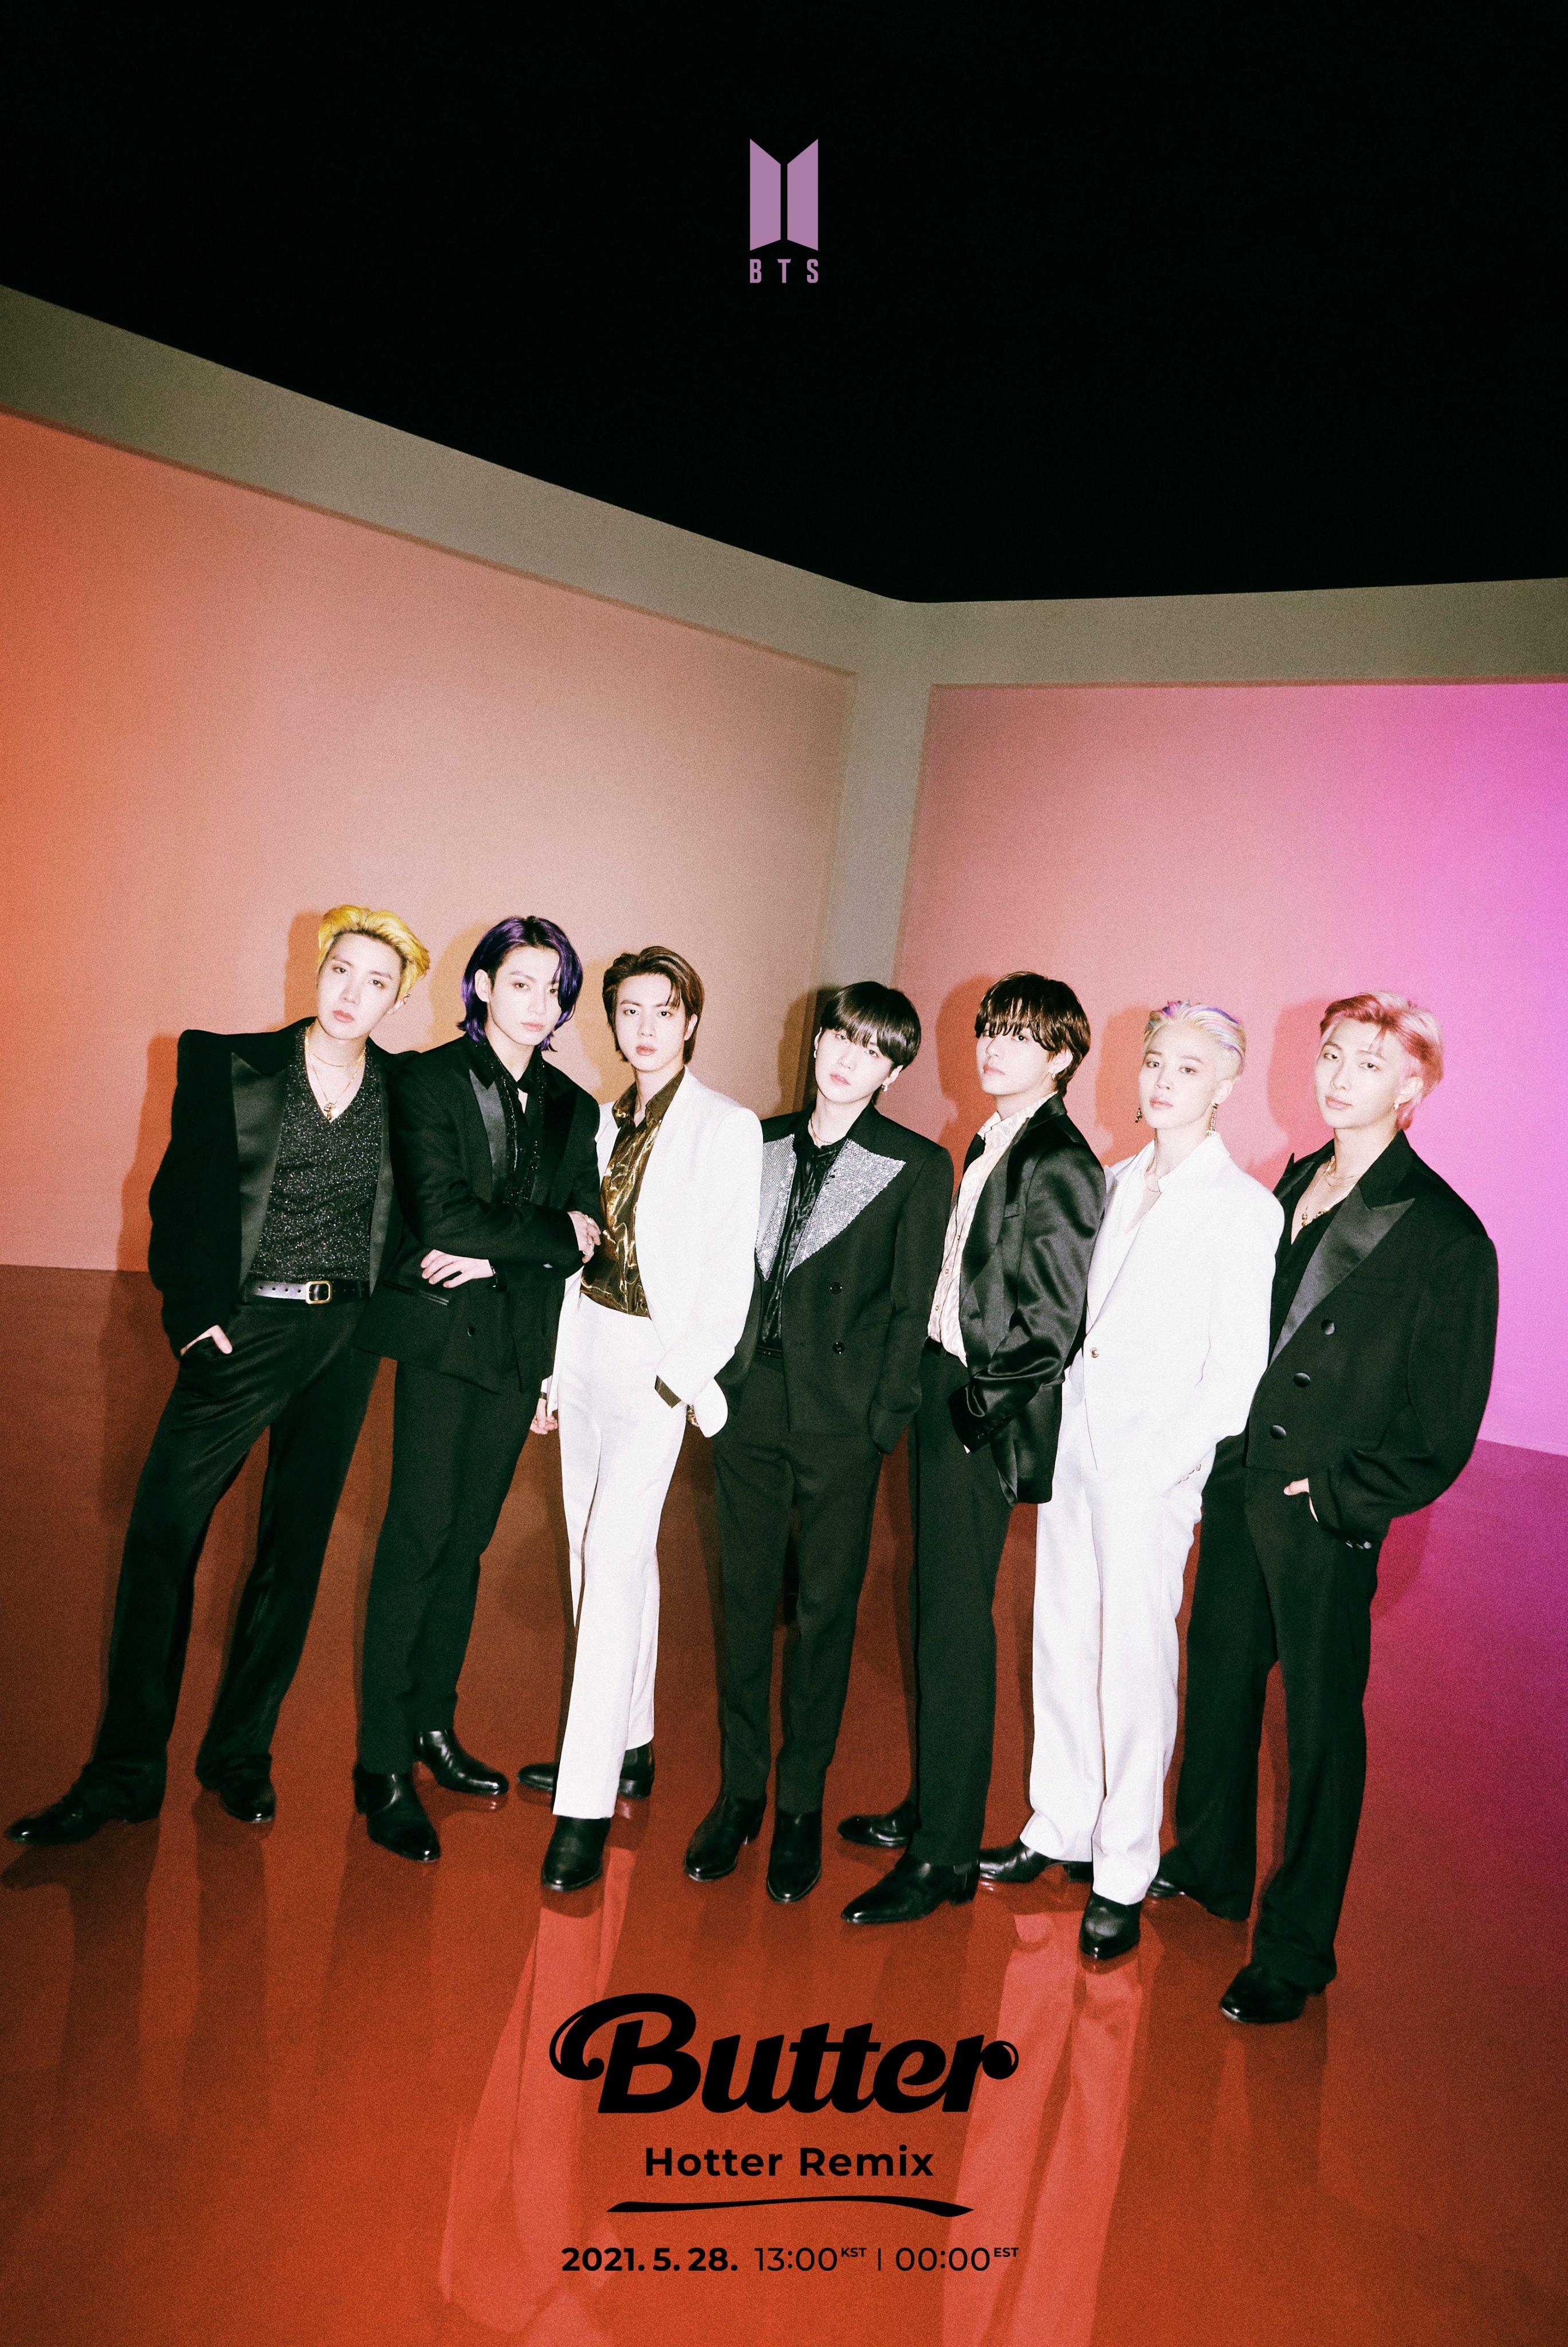 BTS Butter Hotter Remix Teaser Group